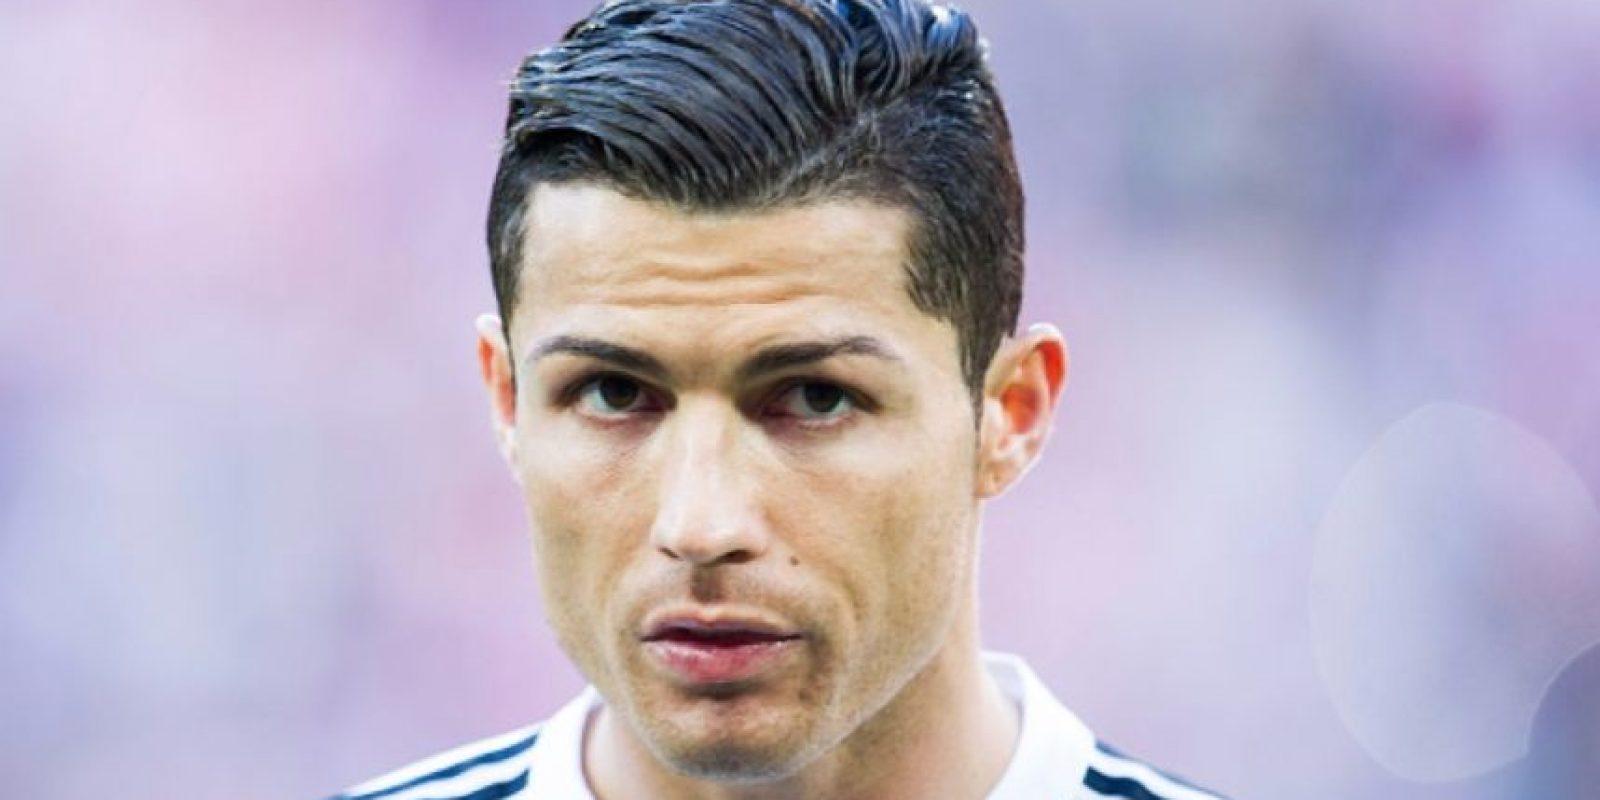 Cristiano Ronaldo en la vida real. Foto:Getty Images